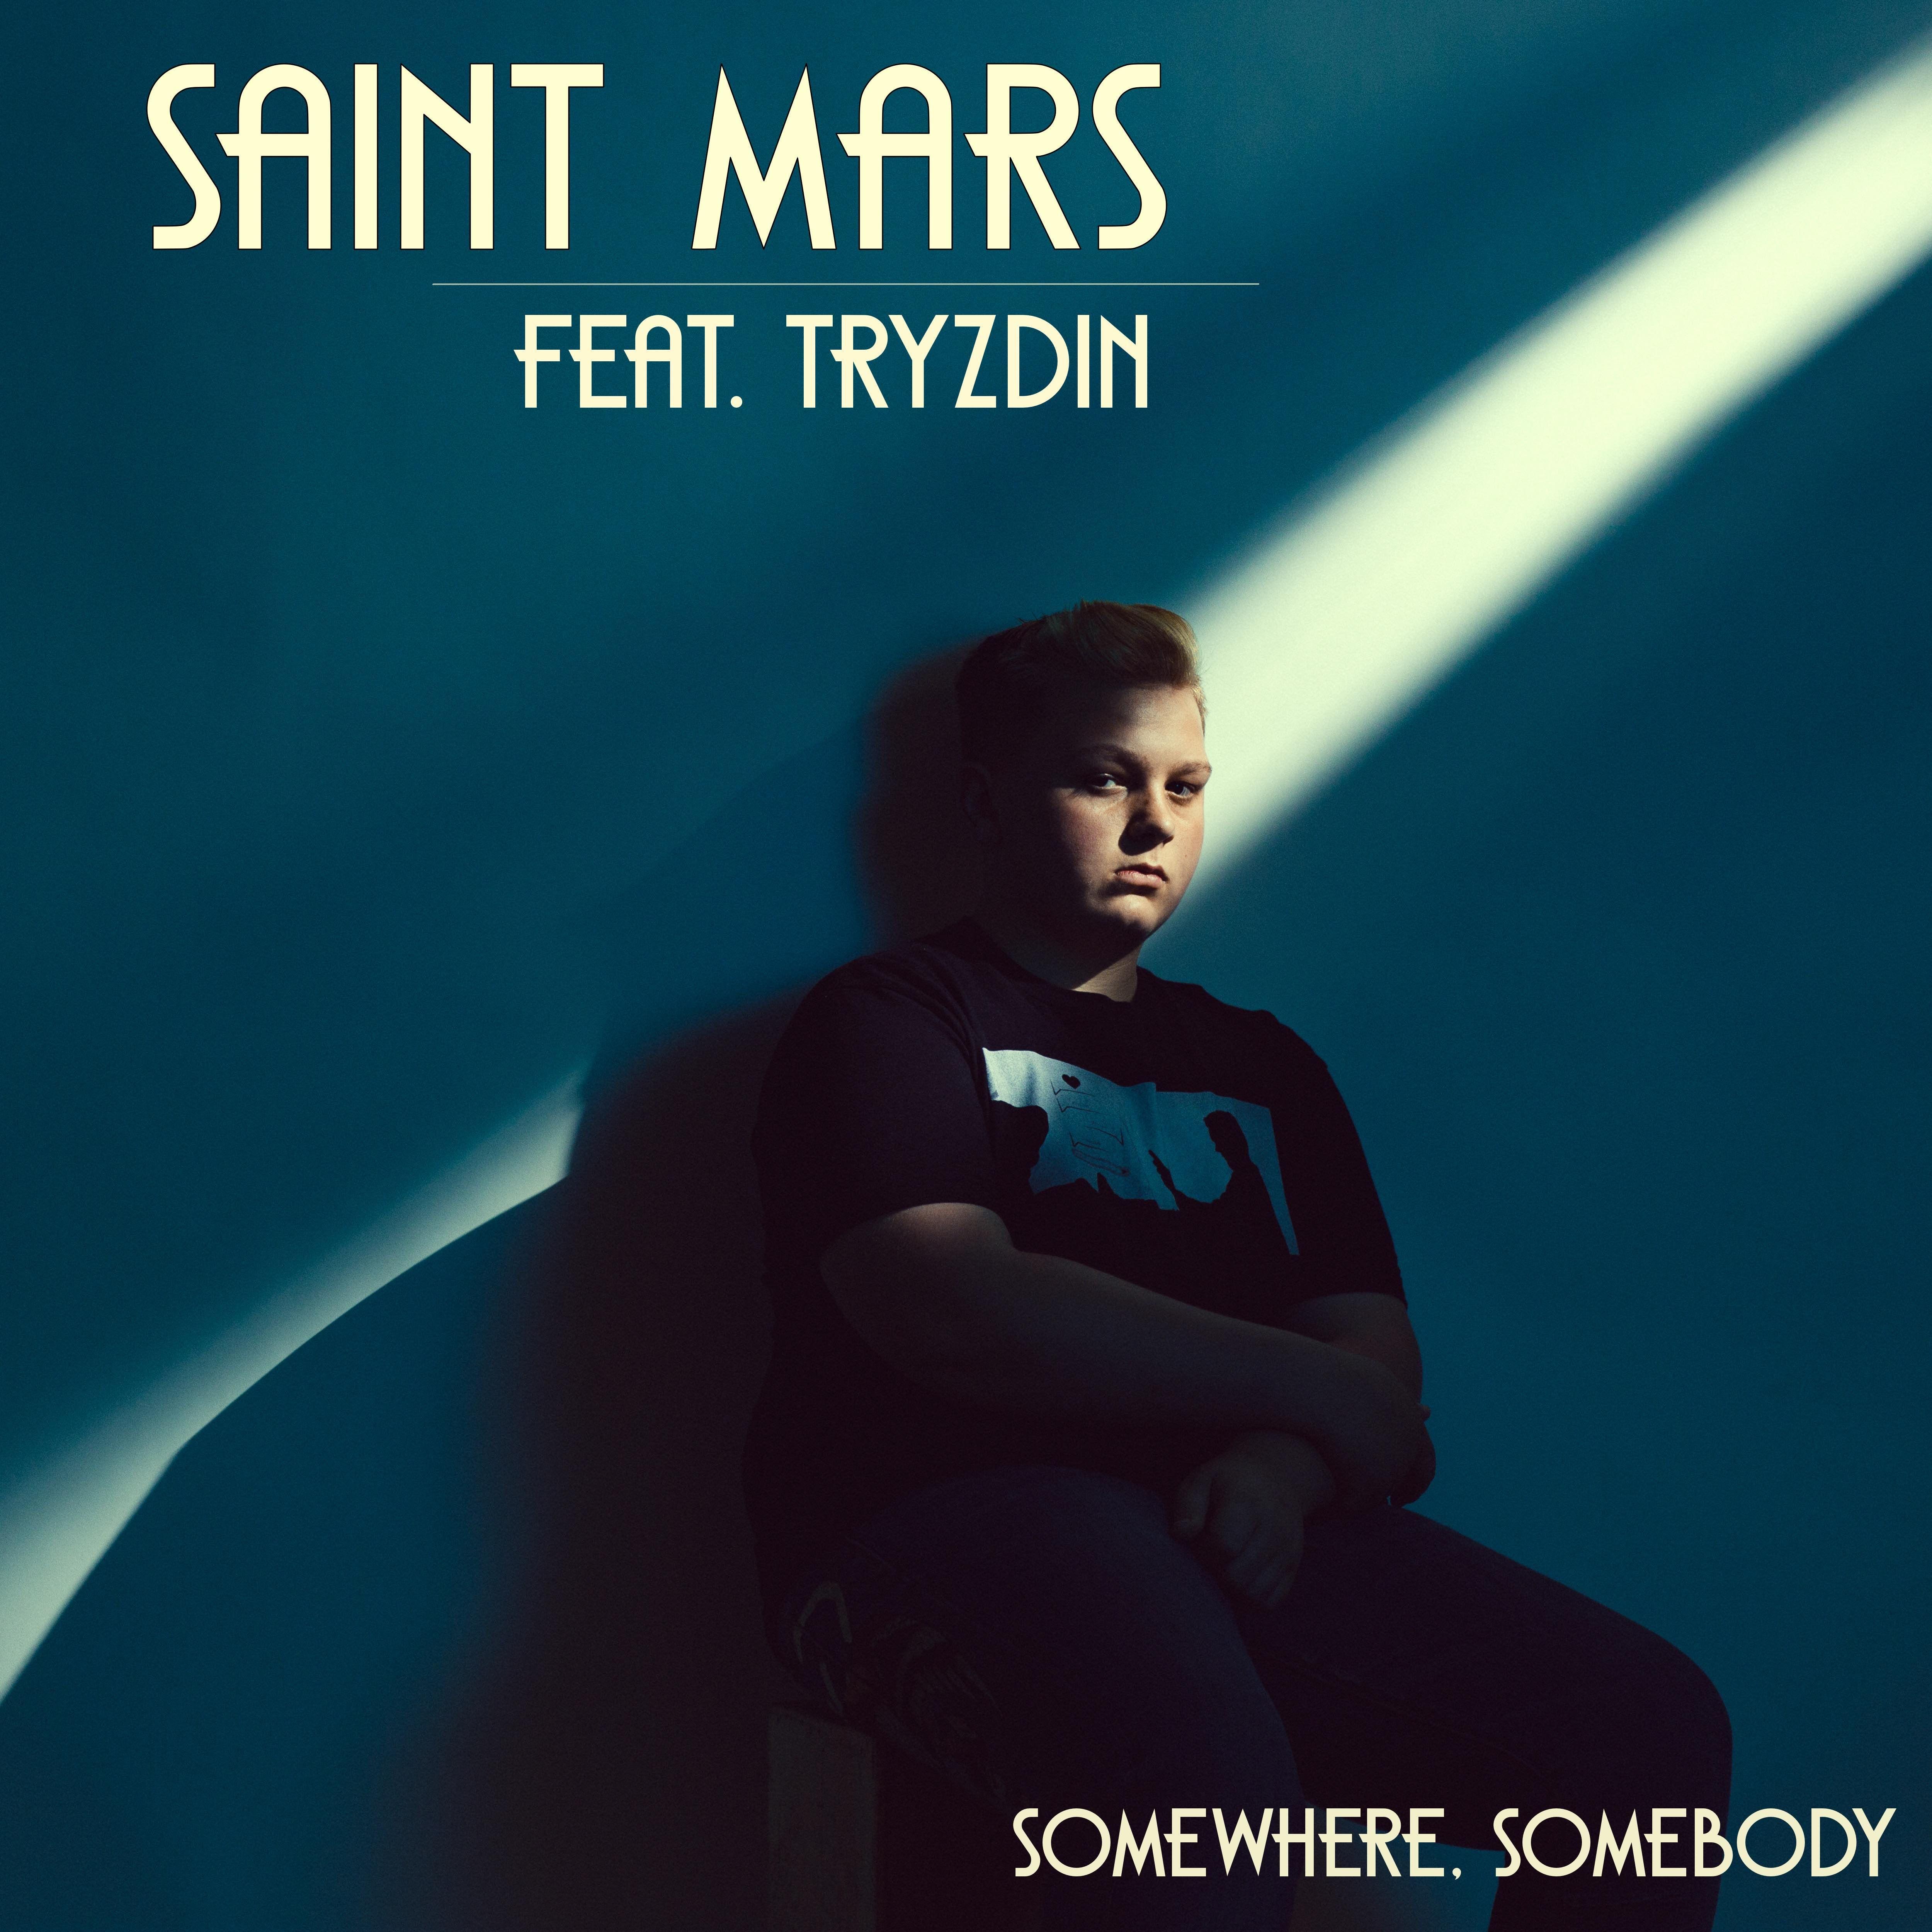 Saint Mars